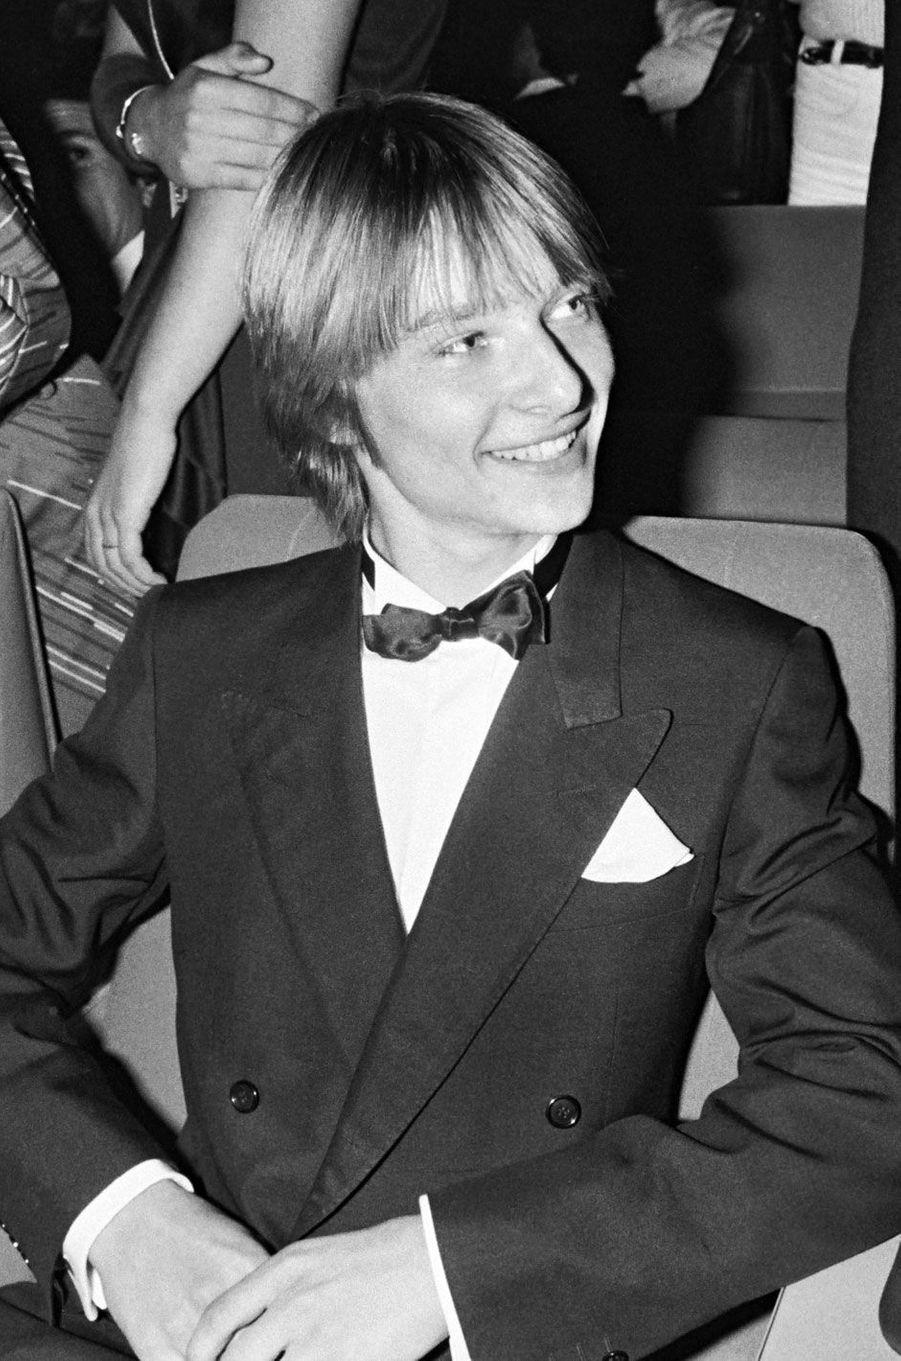 David Hallyday en 1983